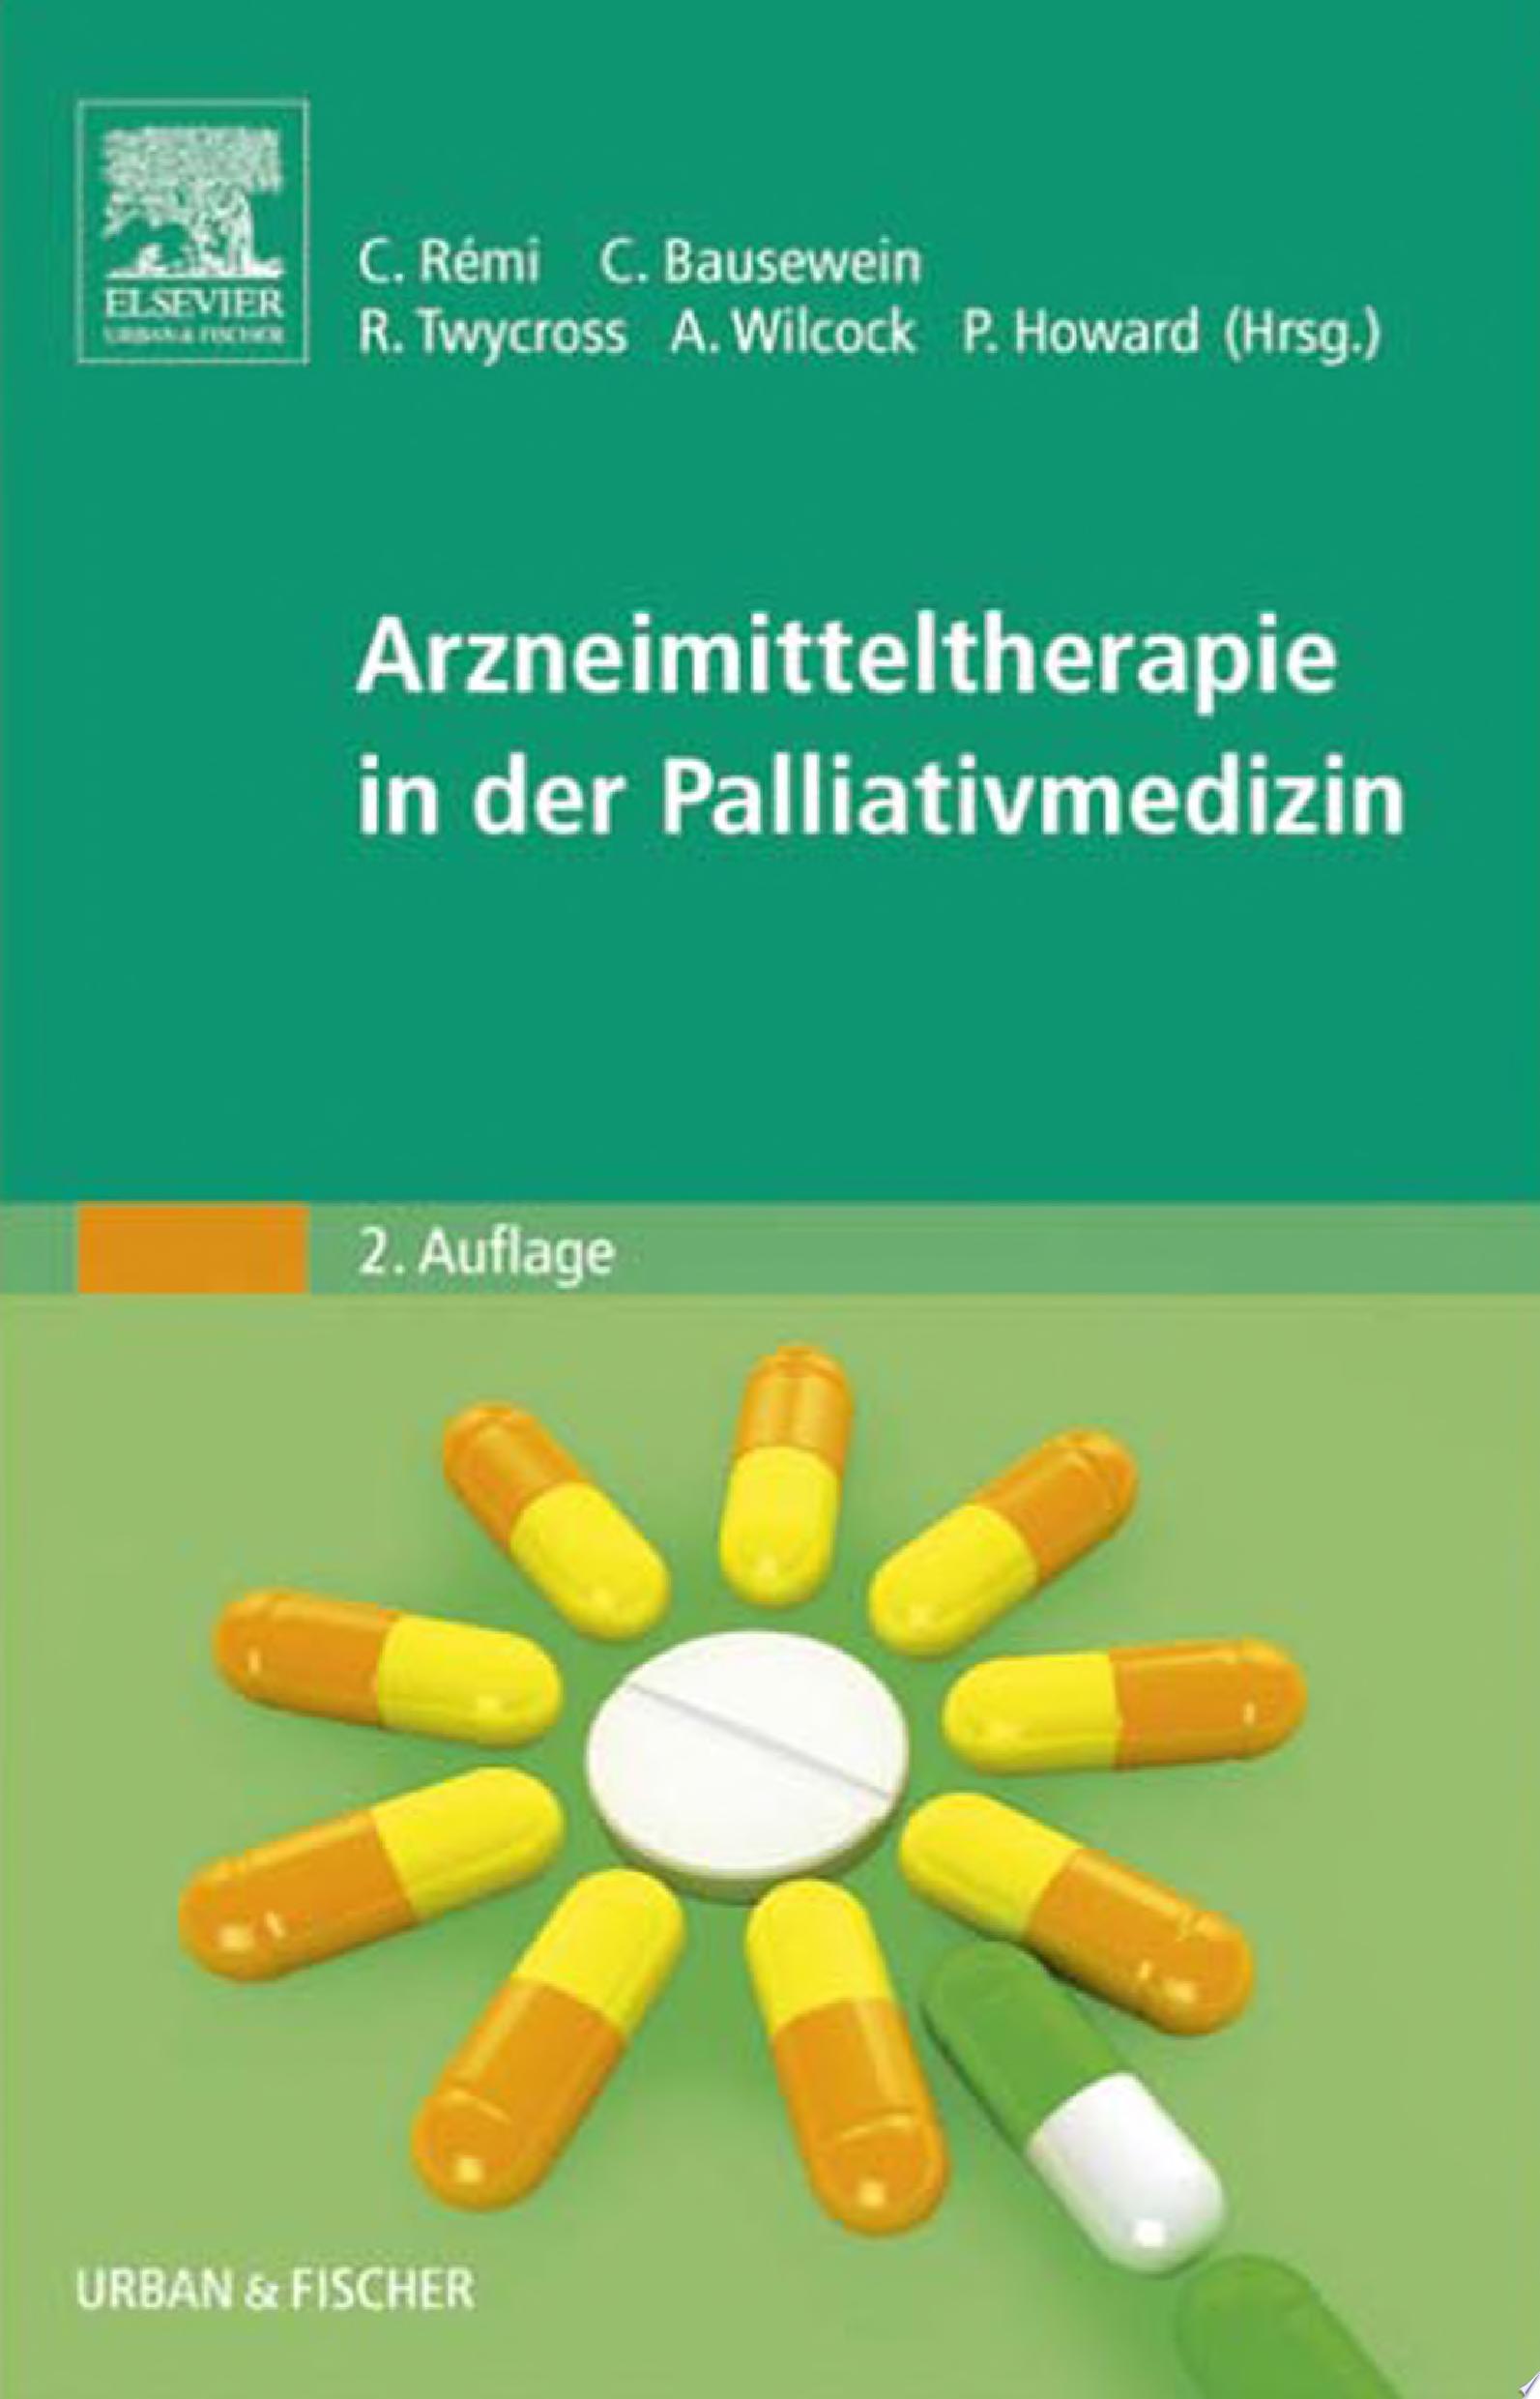 Arzneimitteltherapie in der Palliativmedizin